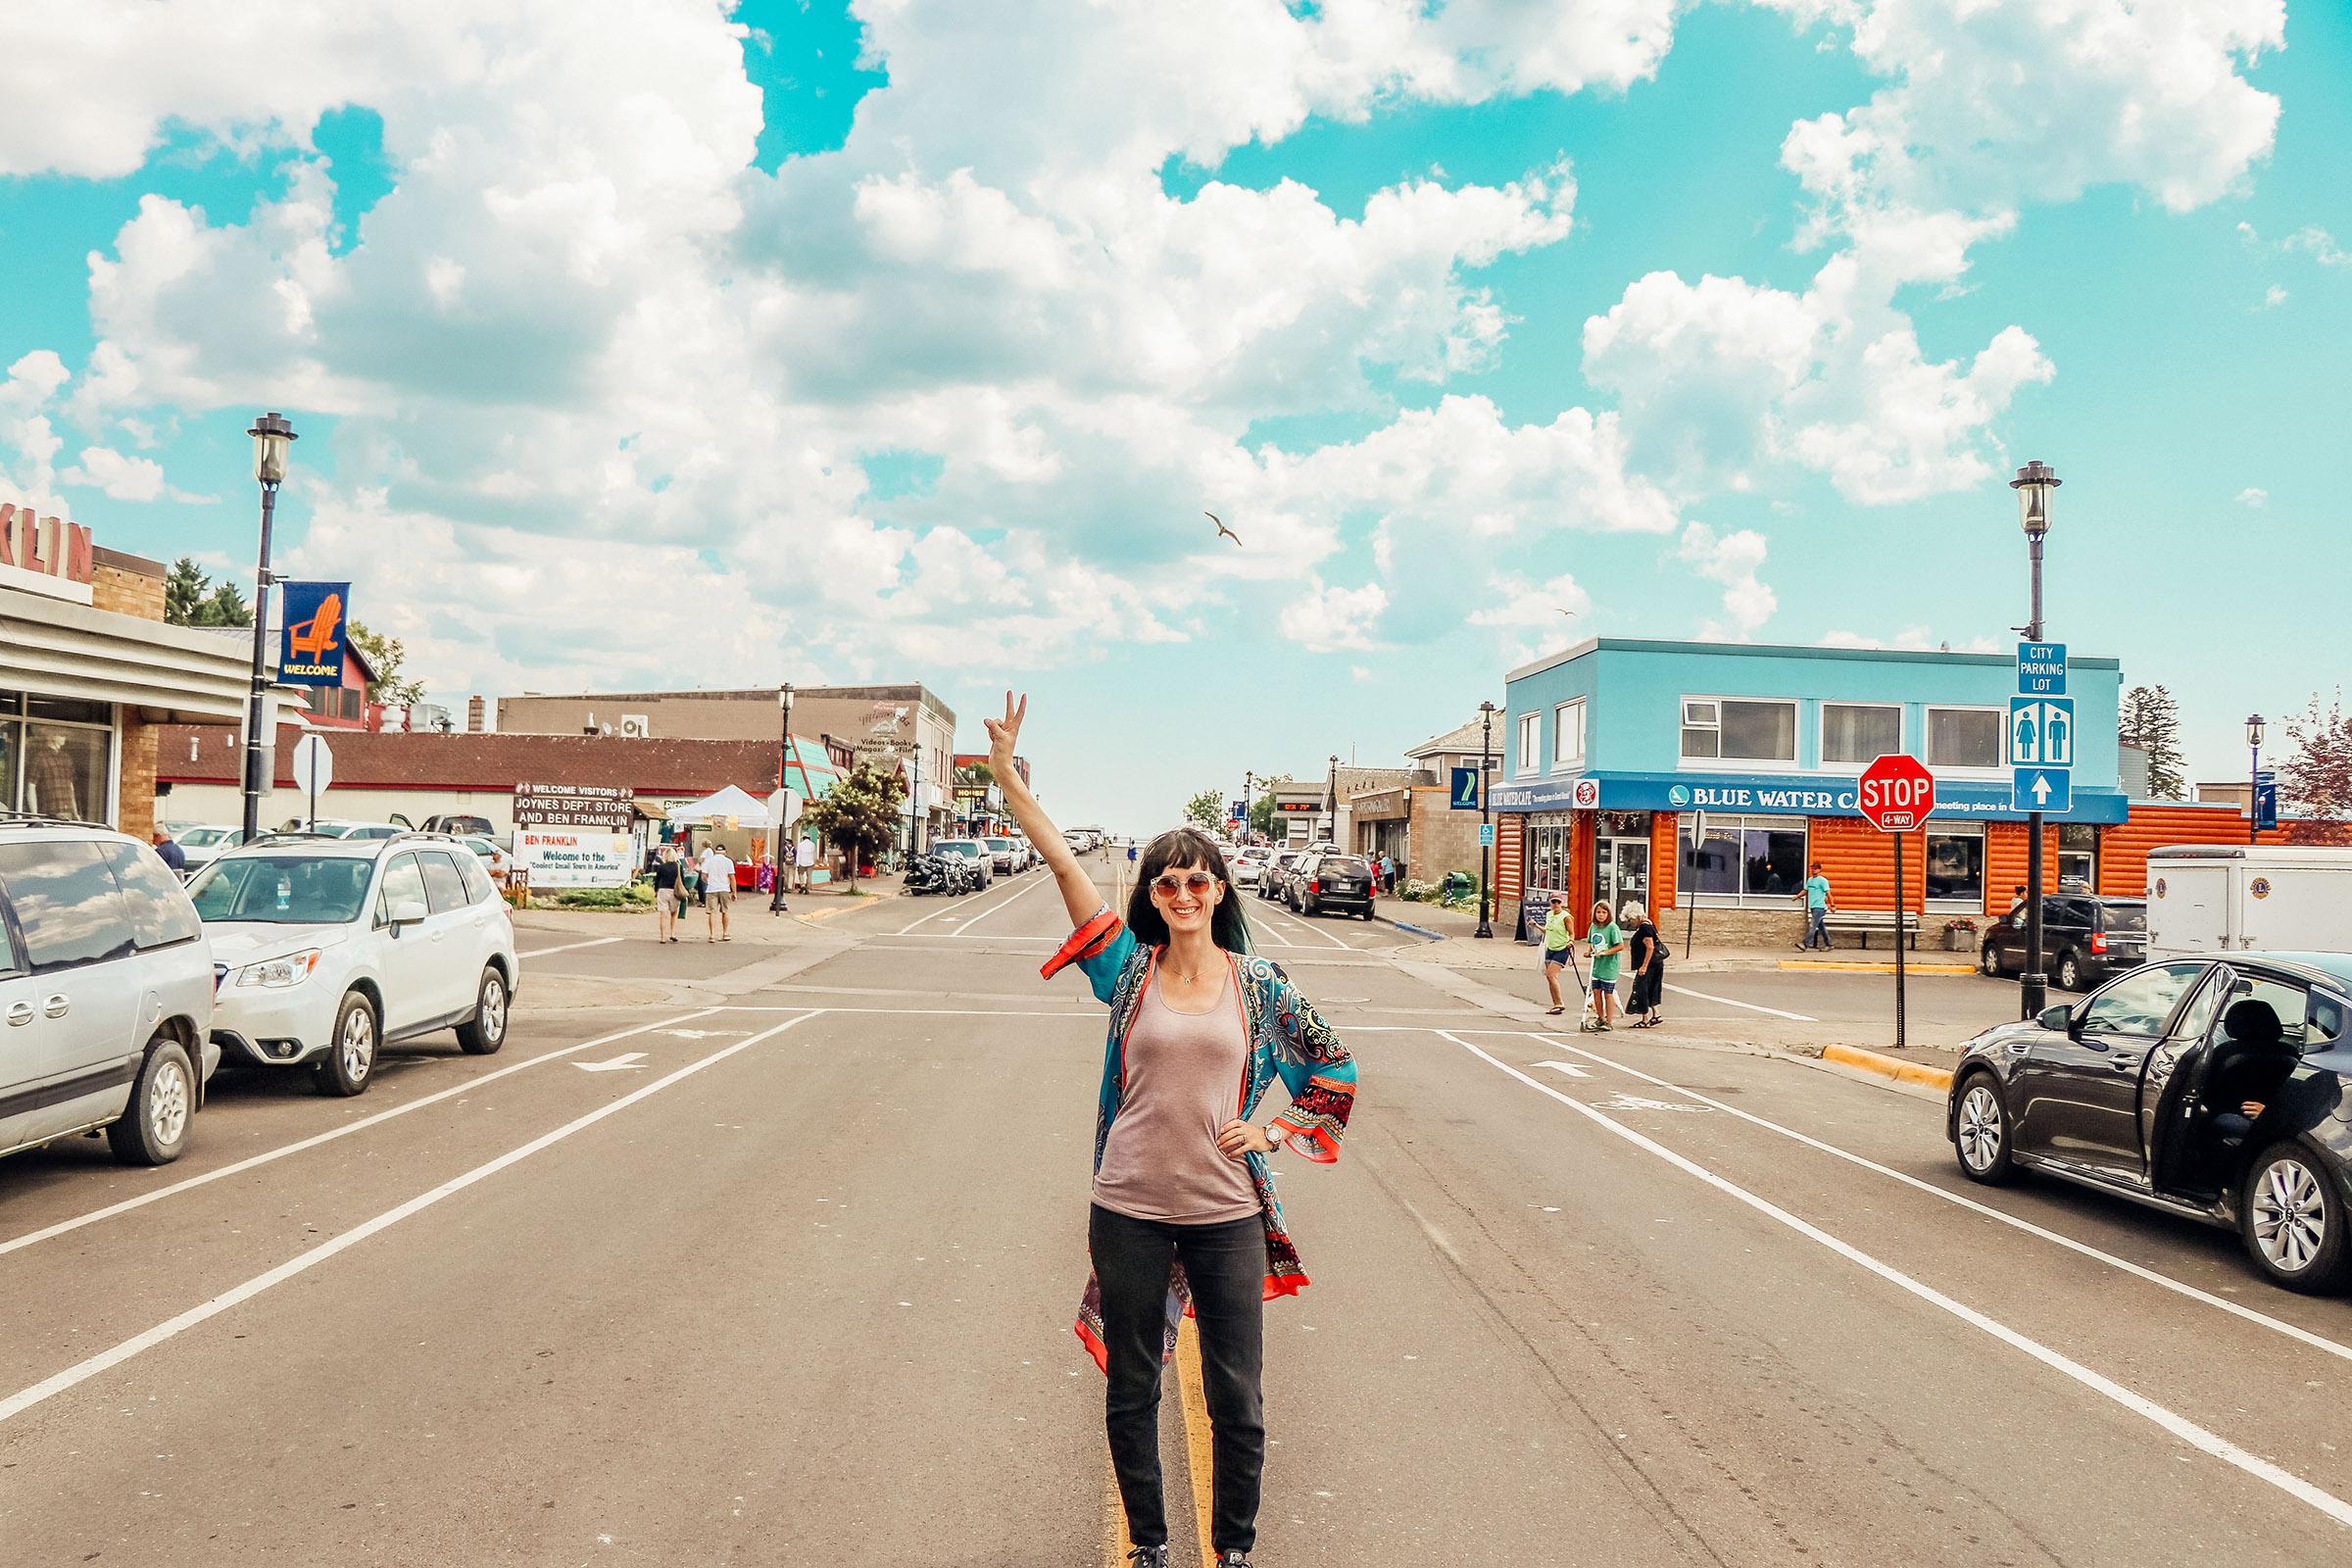 galavant_gal_grand_marais_town.jpg